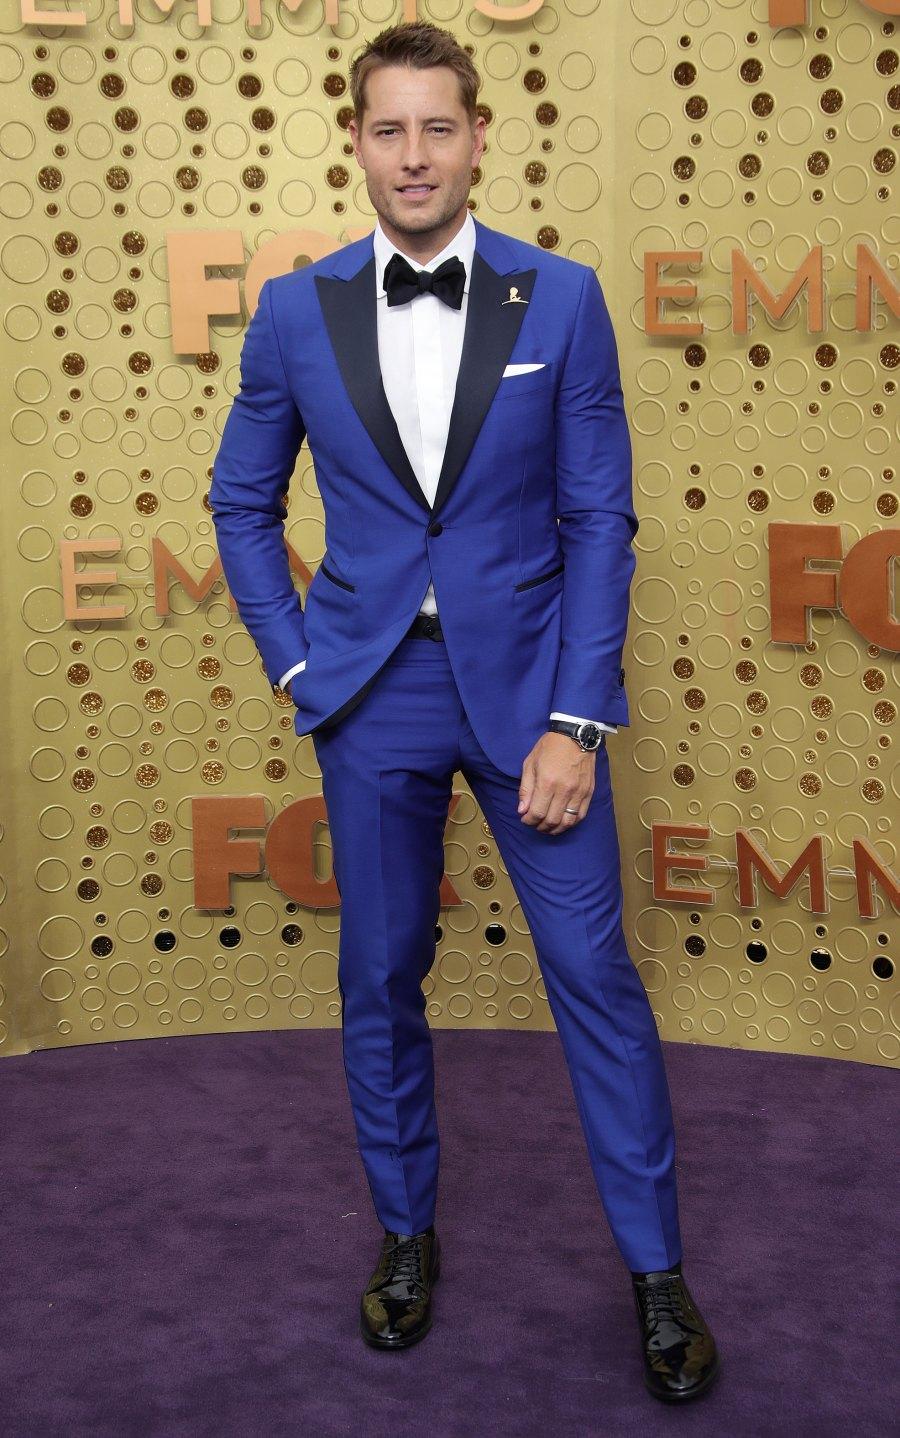 Emmys 2019 Hottest Hunks - Justin Hartley